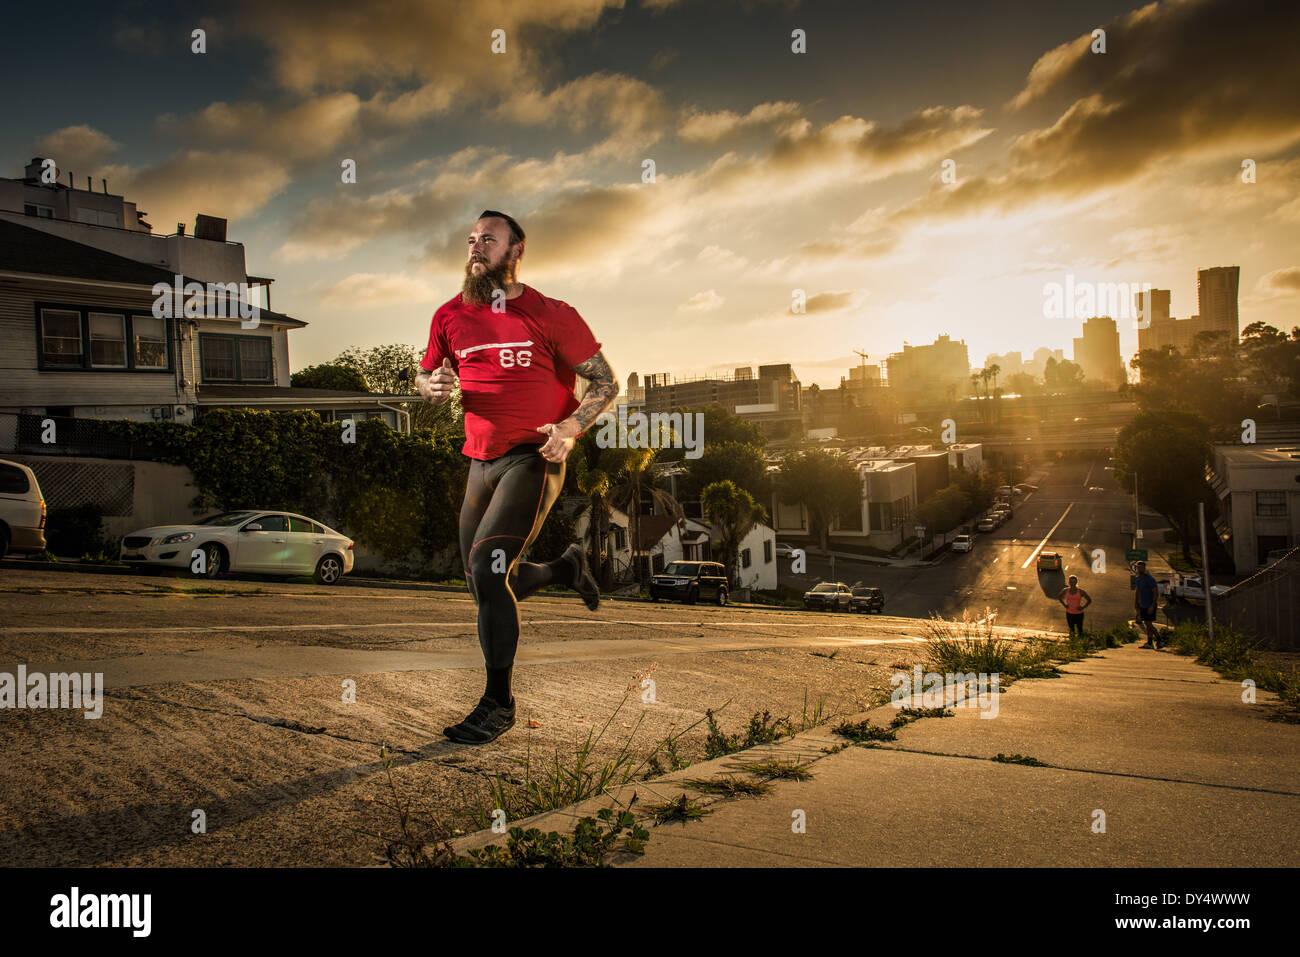 Mid adult male runner et coéquipiers courir vers le haut d'une colline escarpée ville Photo Stock